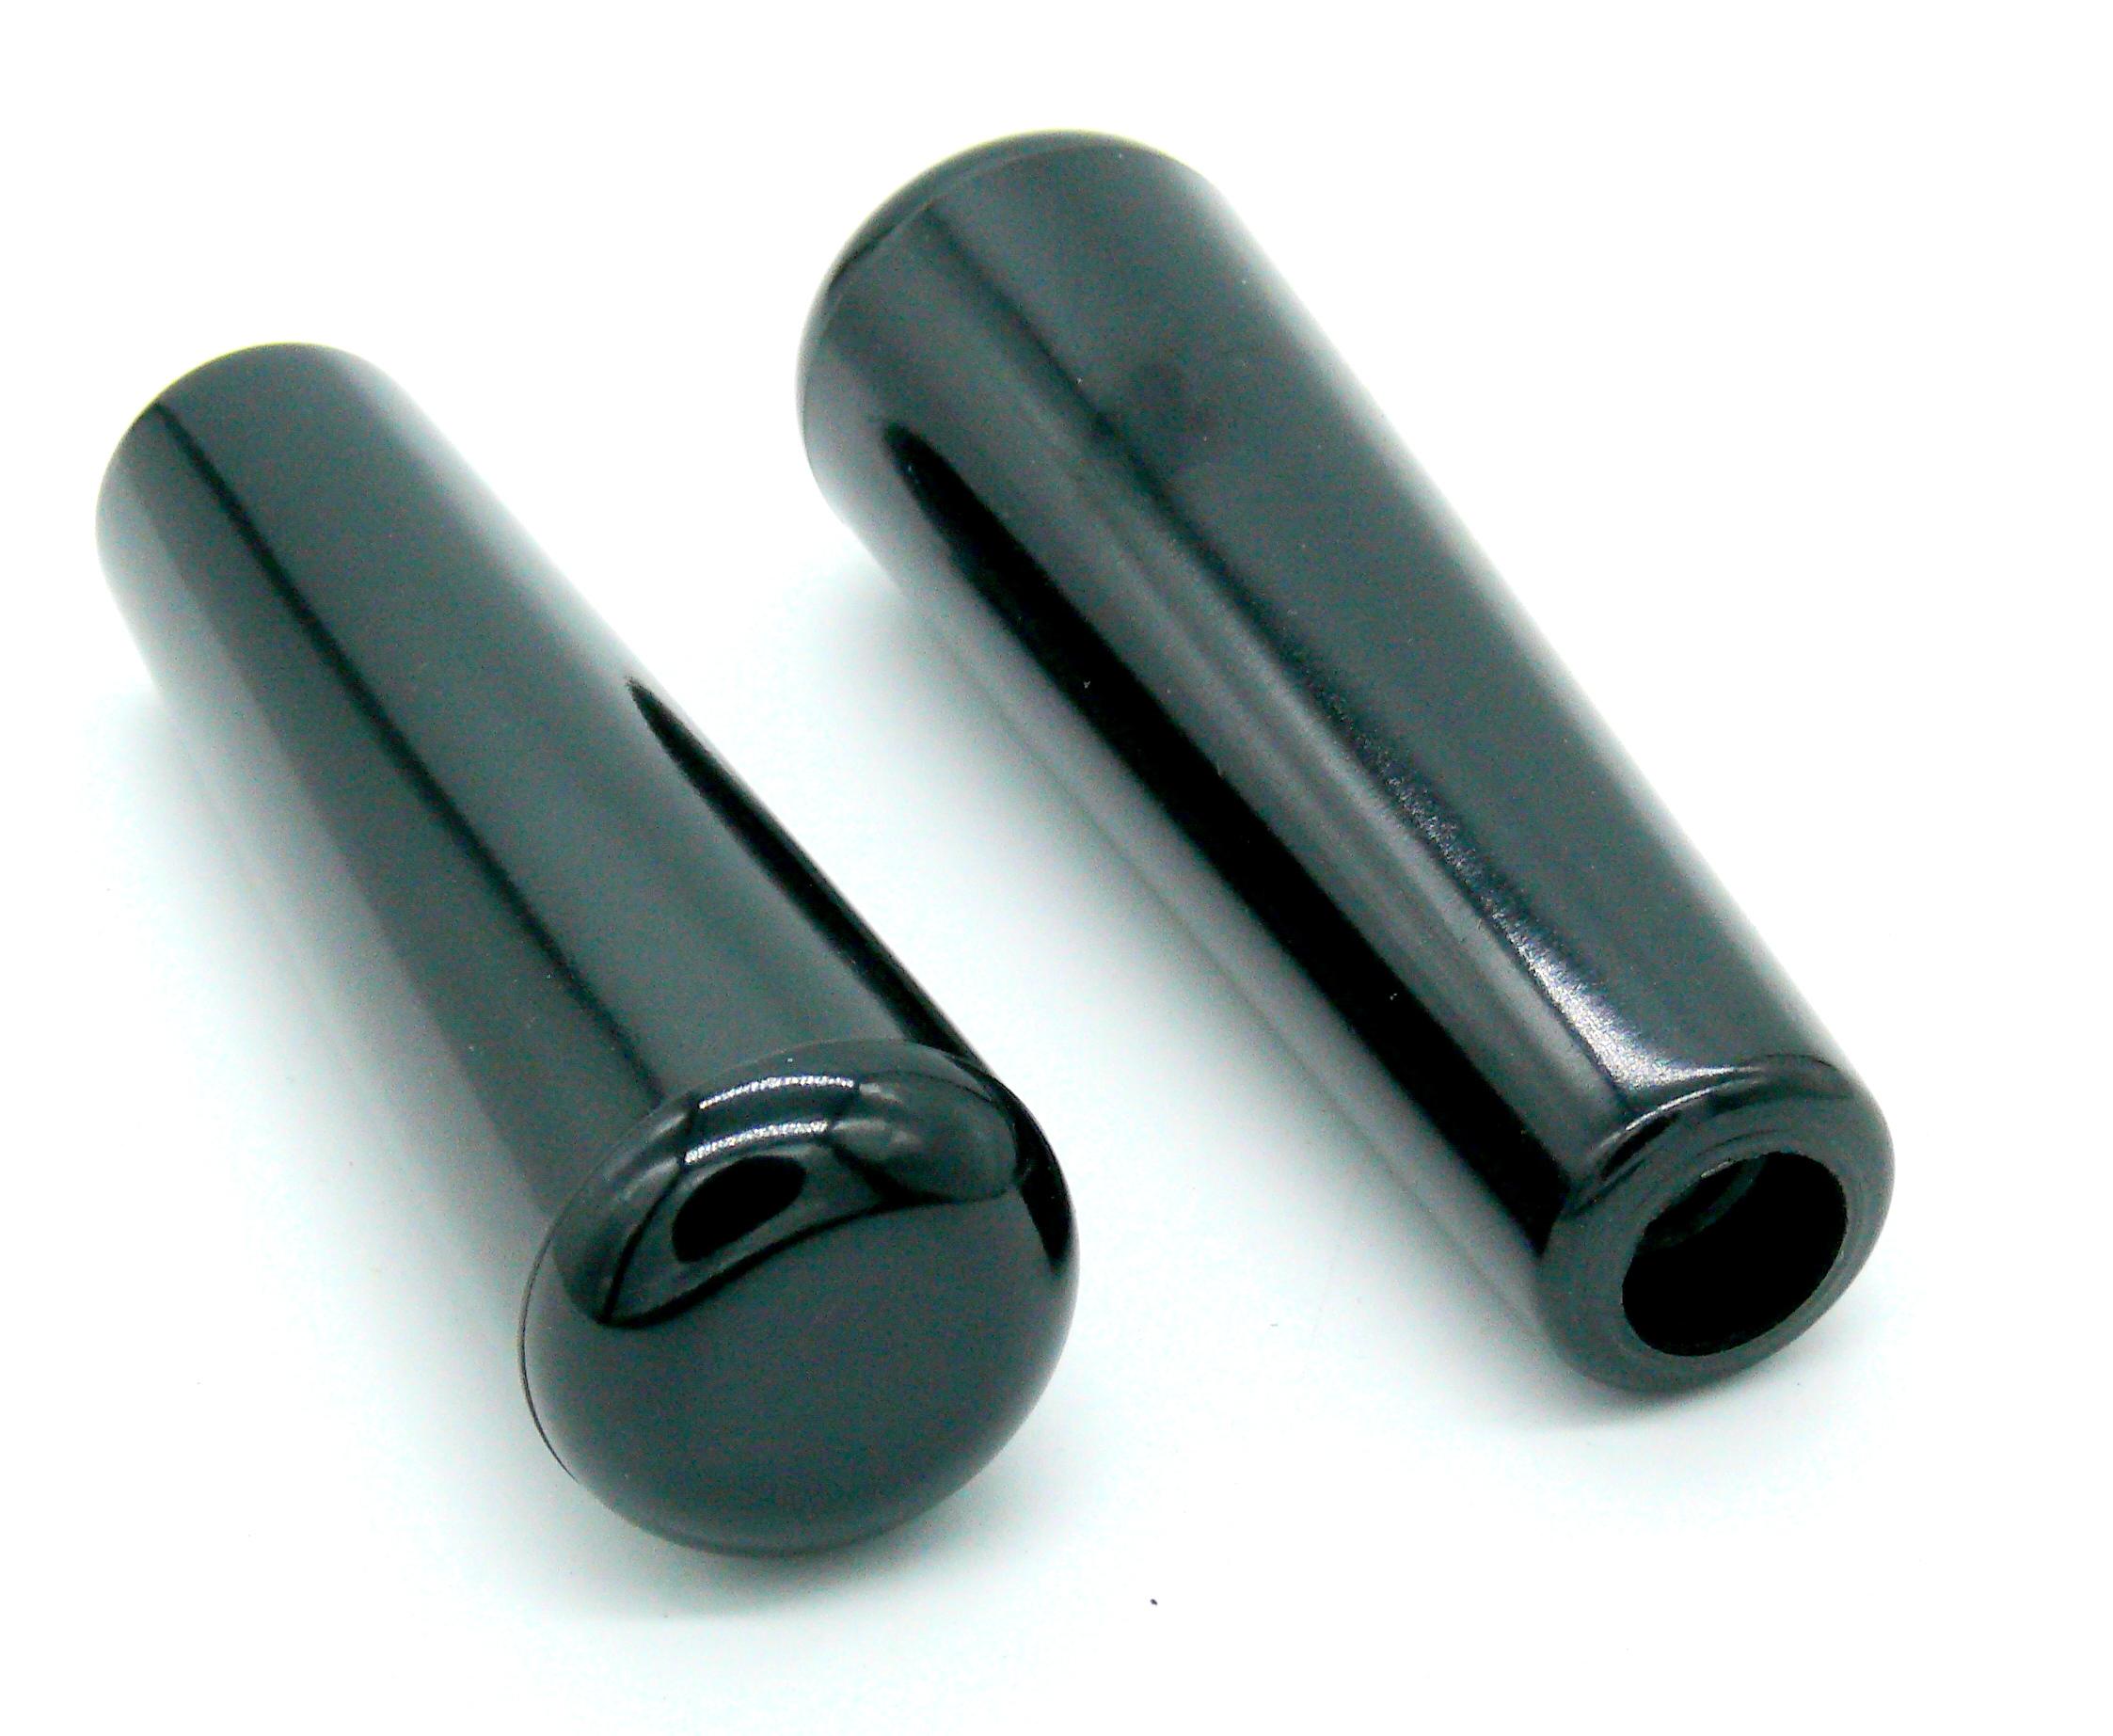 Bordeaux M10-Gewinde Ersatz-Griff für Espresso-Siebträger aus Kunststoff